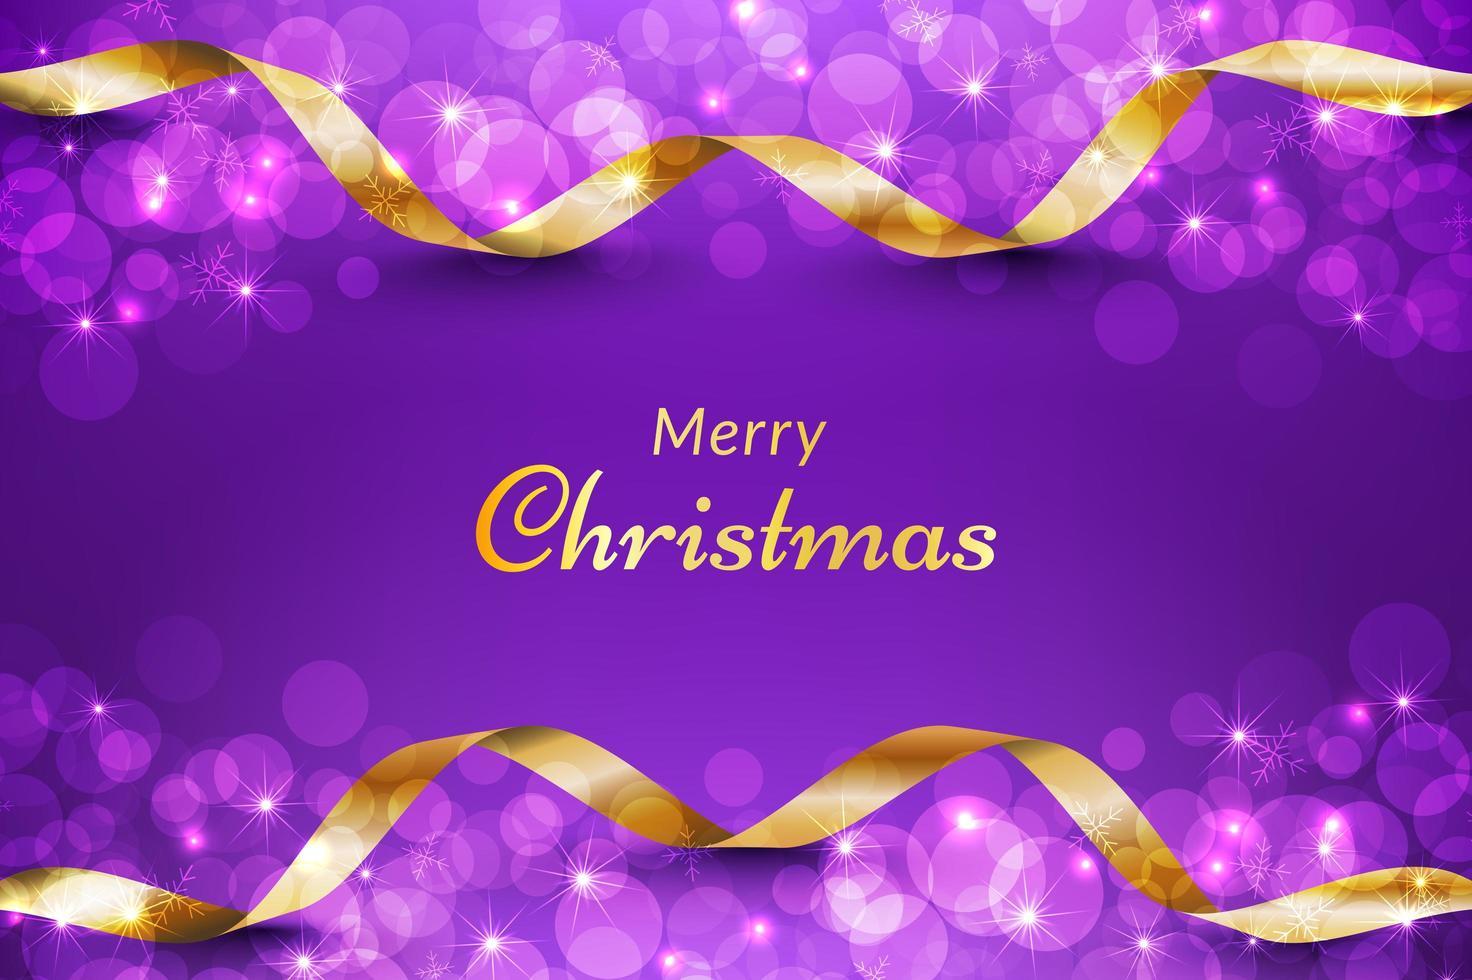 fondo de navidad morado con cinta dorada vector